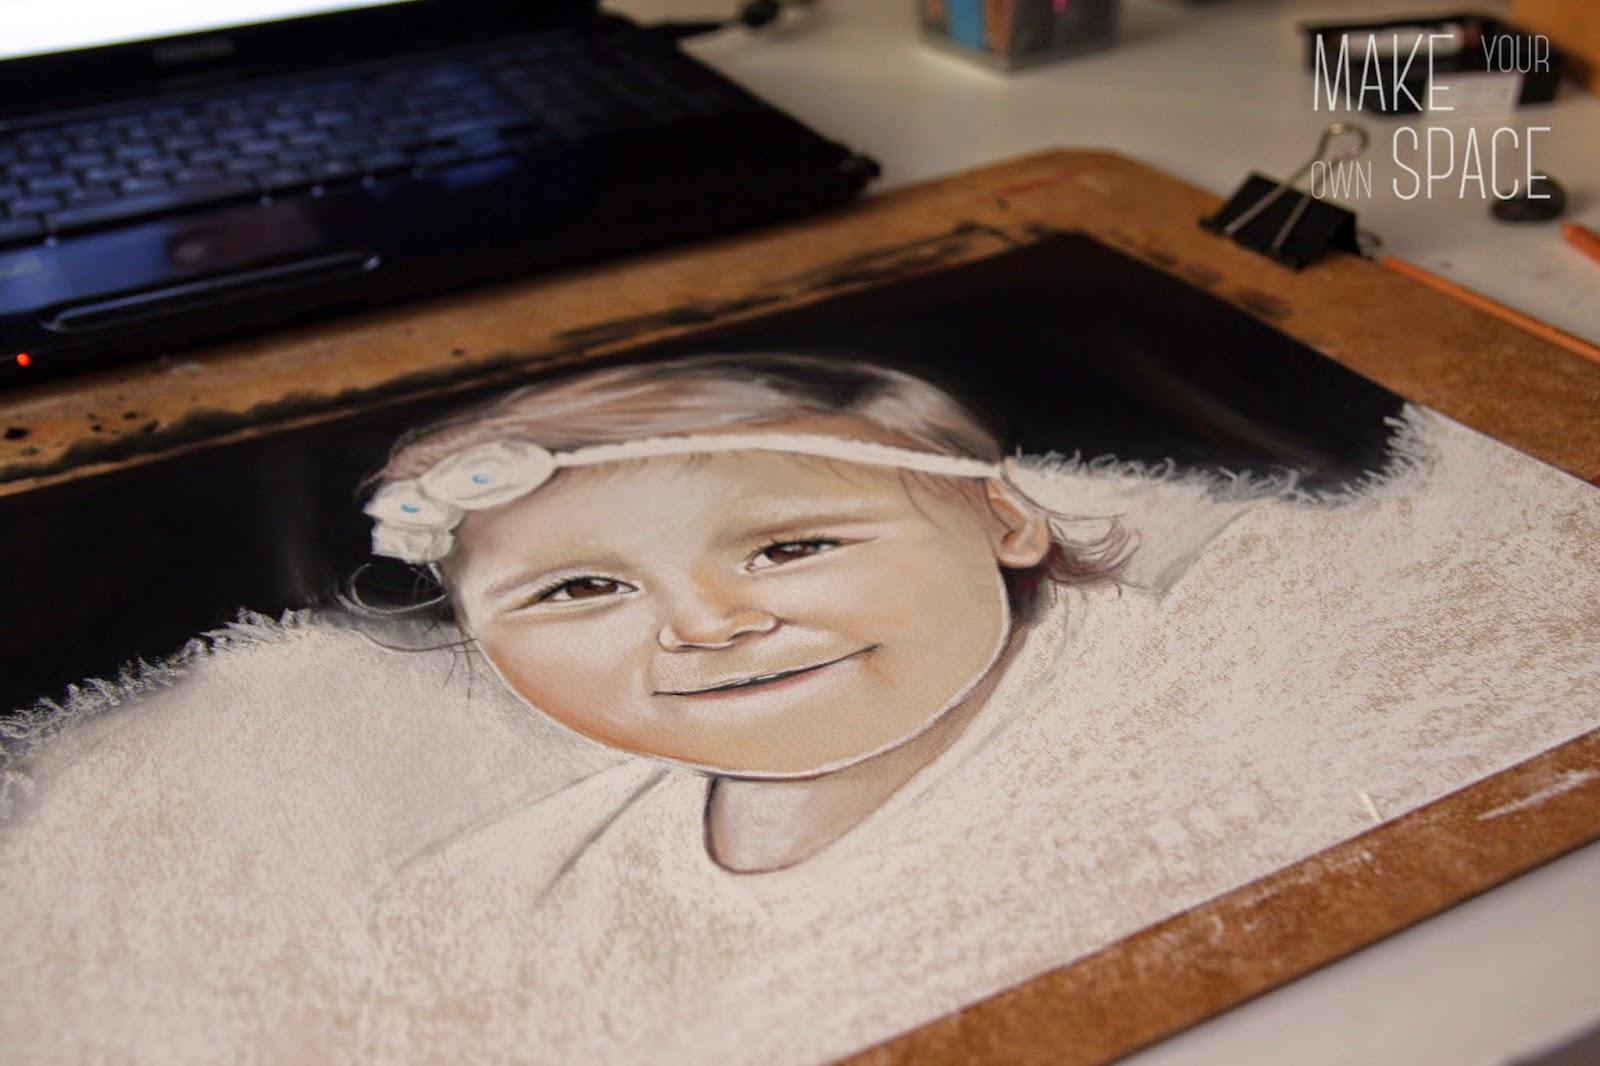 pastelowy portret, portret, dziecięcy portret, hand made, diy, dziecięce handmade, dziecko, ręczna robota, ręcznie malowane, dekoracja dziecięcego pokoju, pokój dziecięcy, design